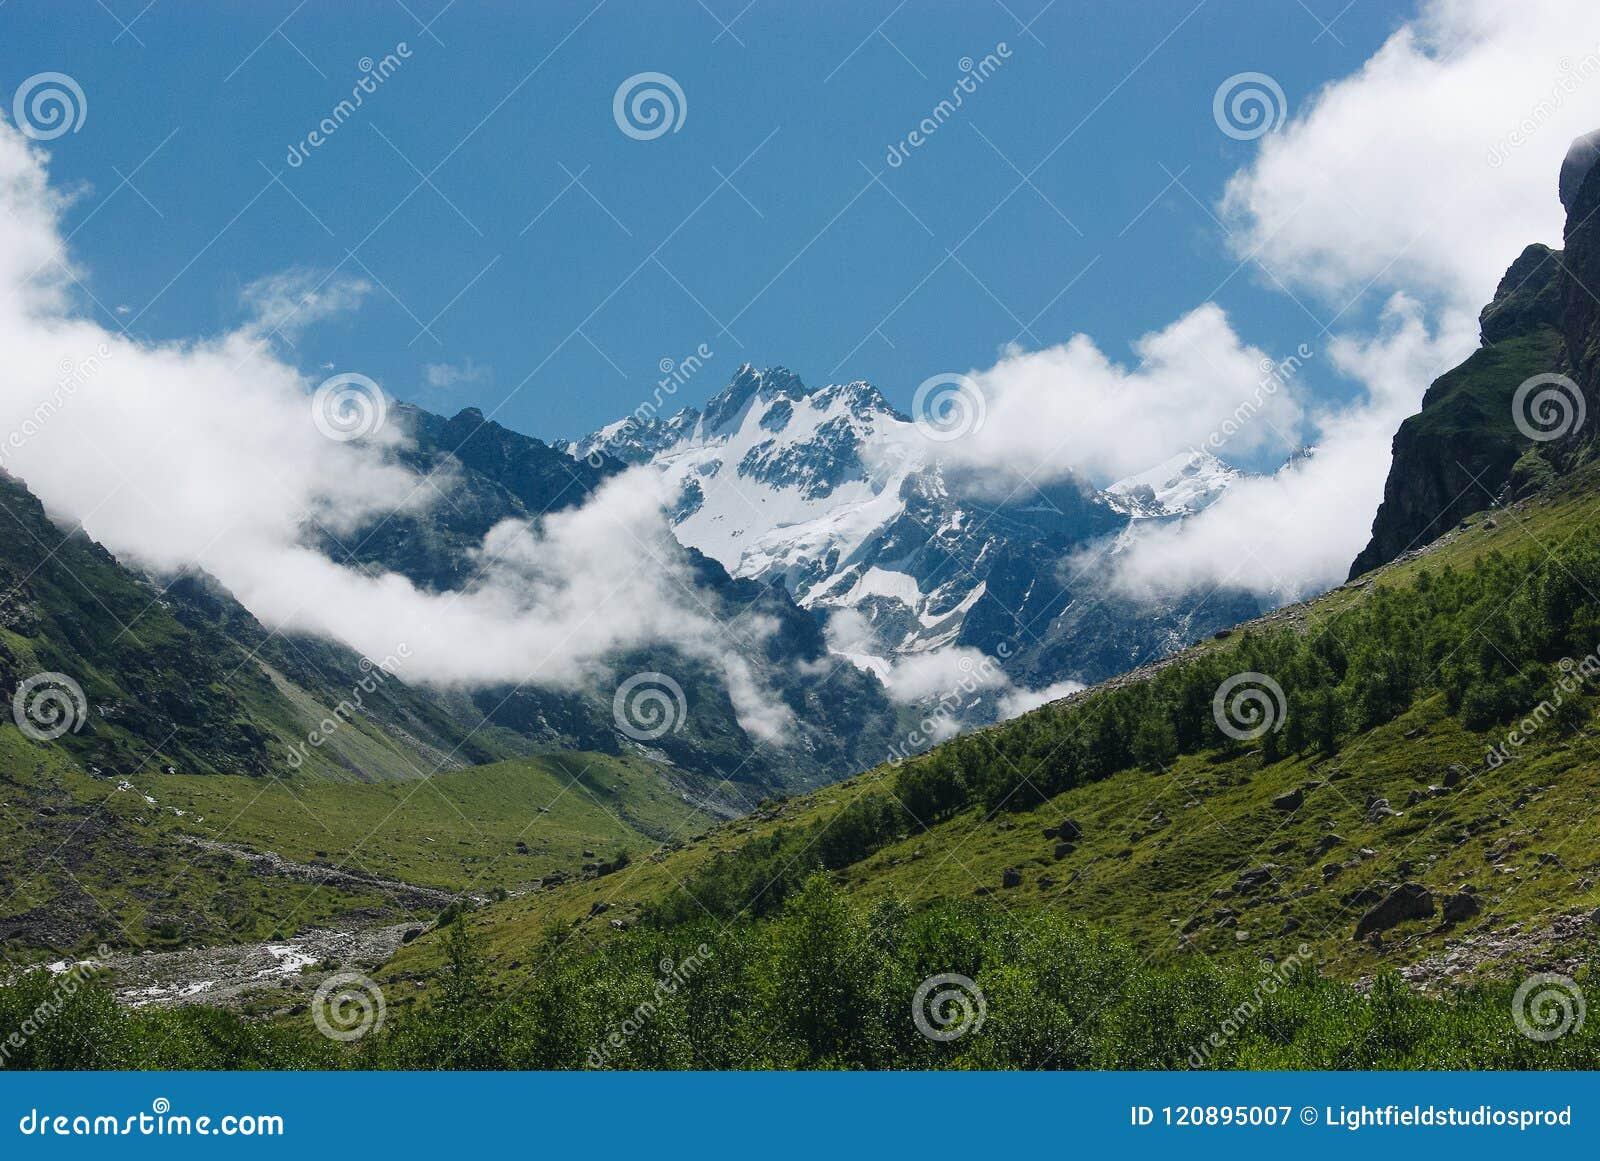 Zadziwiający widok góra krajobraz z śniegiem, federacja rosyjska, Kaukaz,